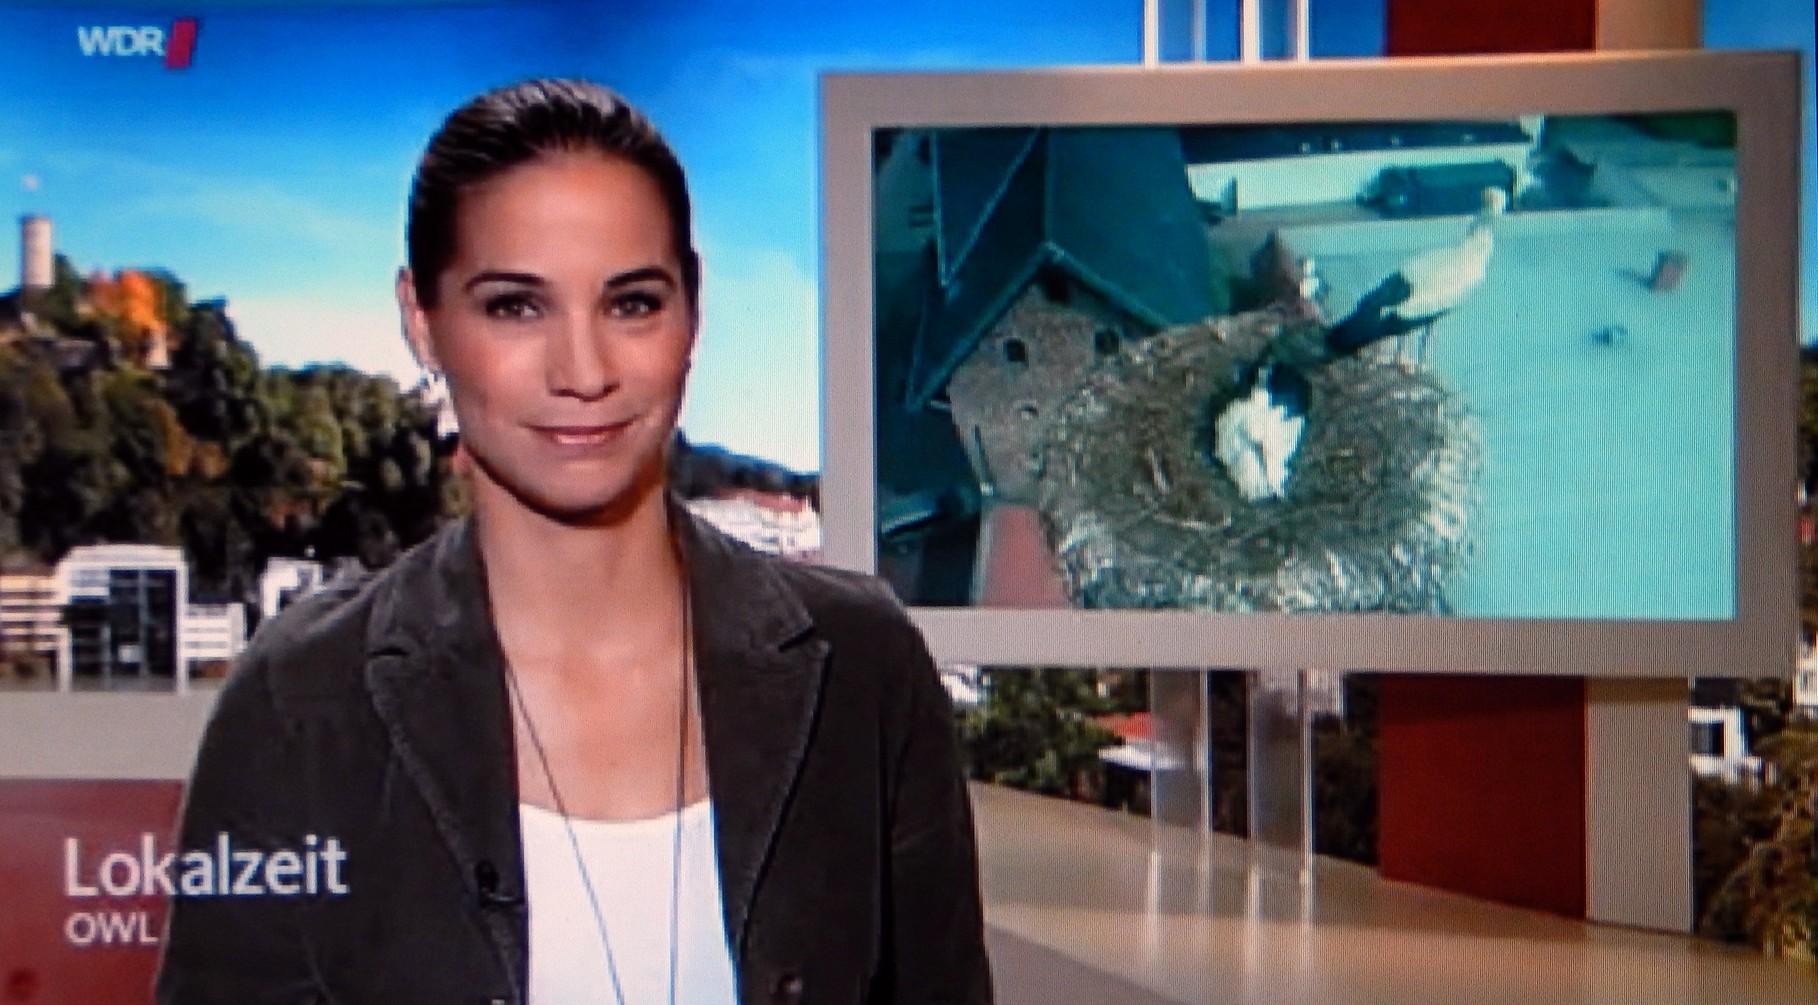 OWL-Lokalzeit vom 17. April berichtete aus Hille